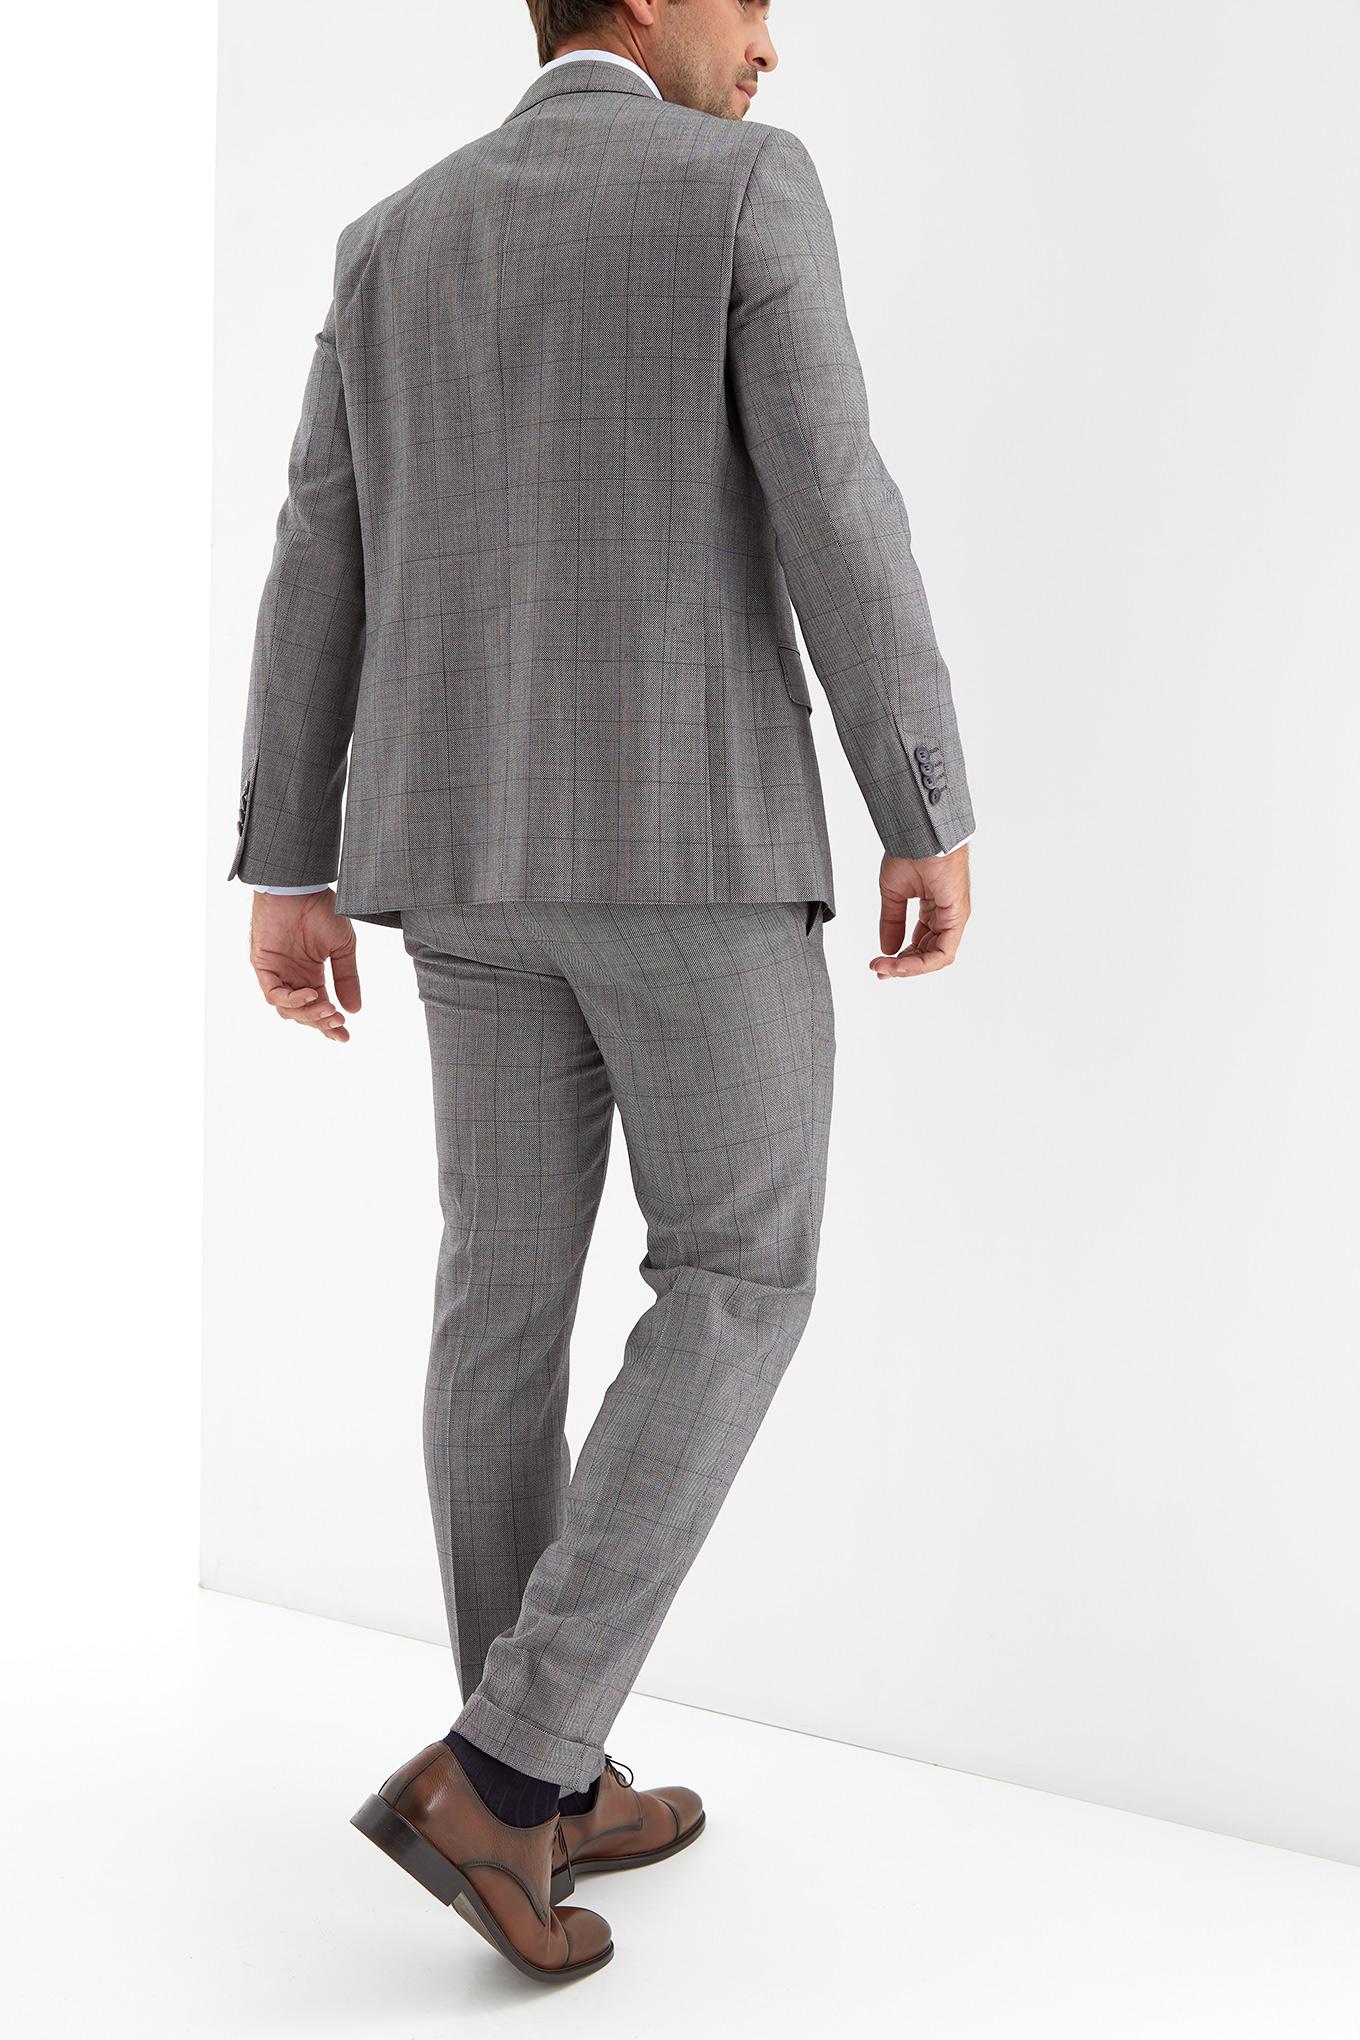 Suit with Vest Light Grey Classic Man